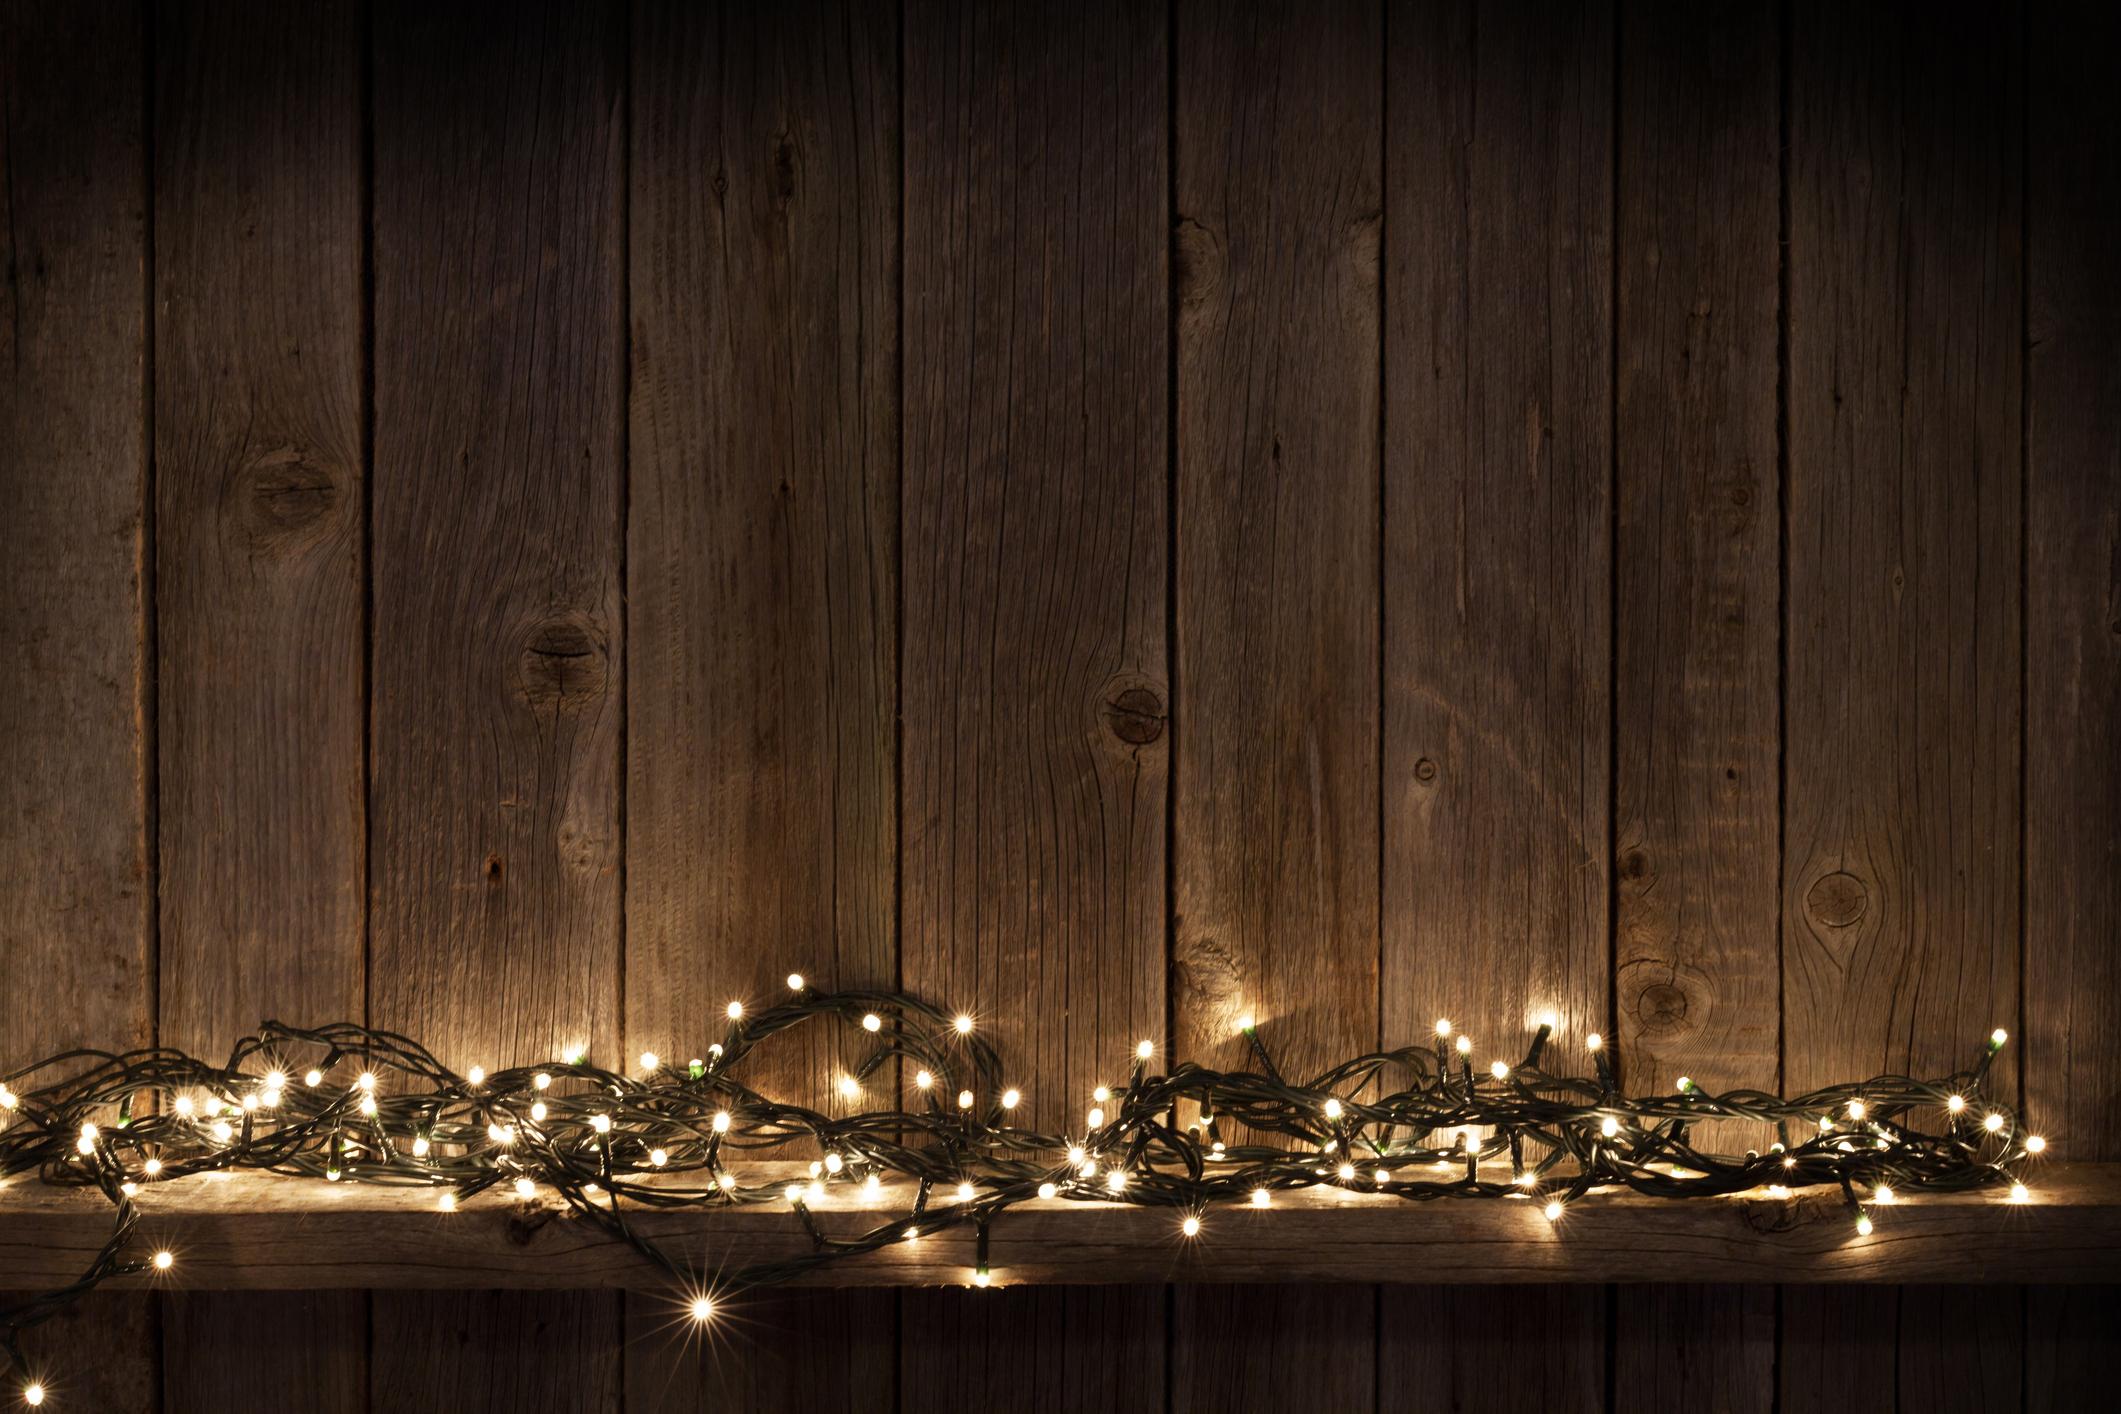 Gyakorlatilag a lakás bármelyik pontjába elhelyezhetünk egy fényfűzért. Nem kell dúldíszíteni, karácsonyi csillogó díszekkel megbolondítani. Önmagában is csodaszép!